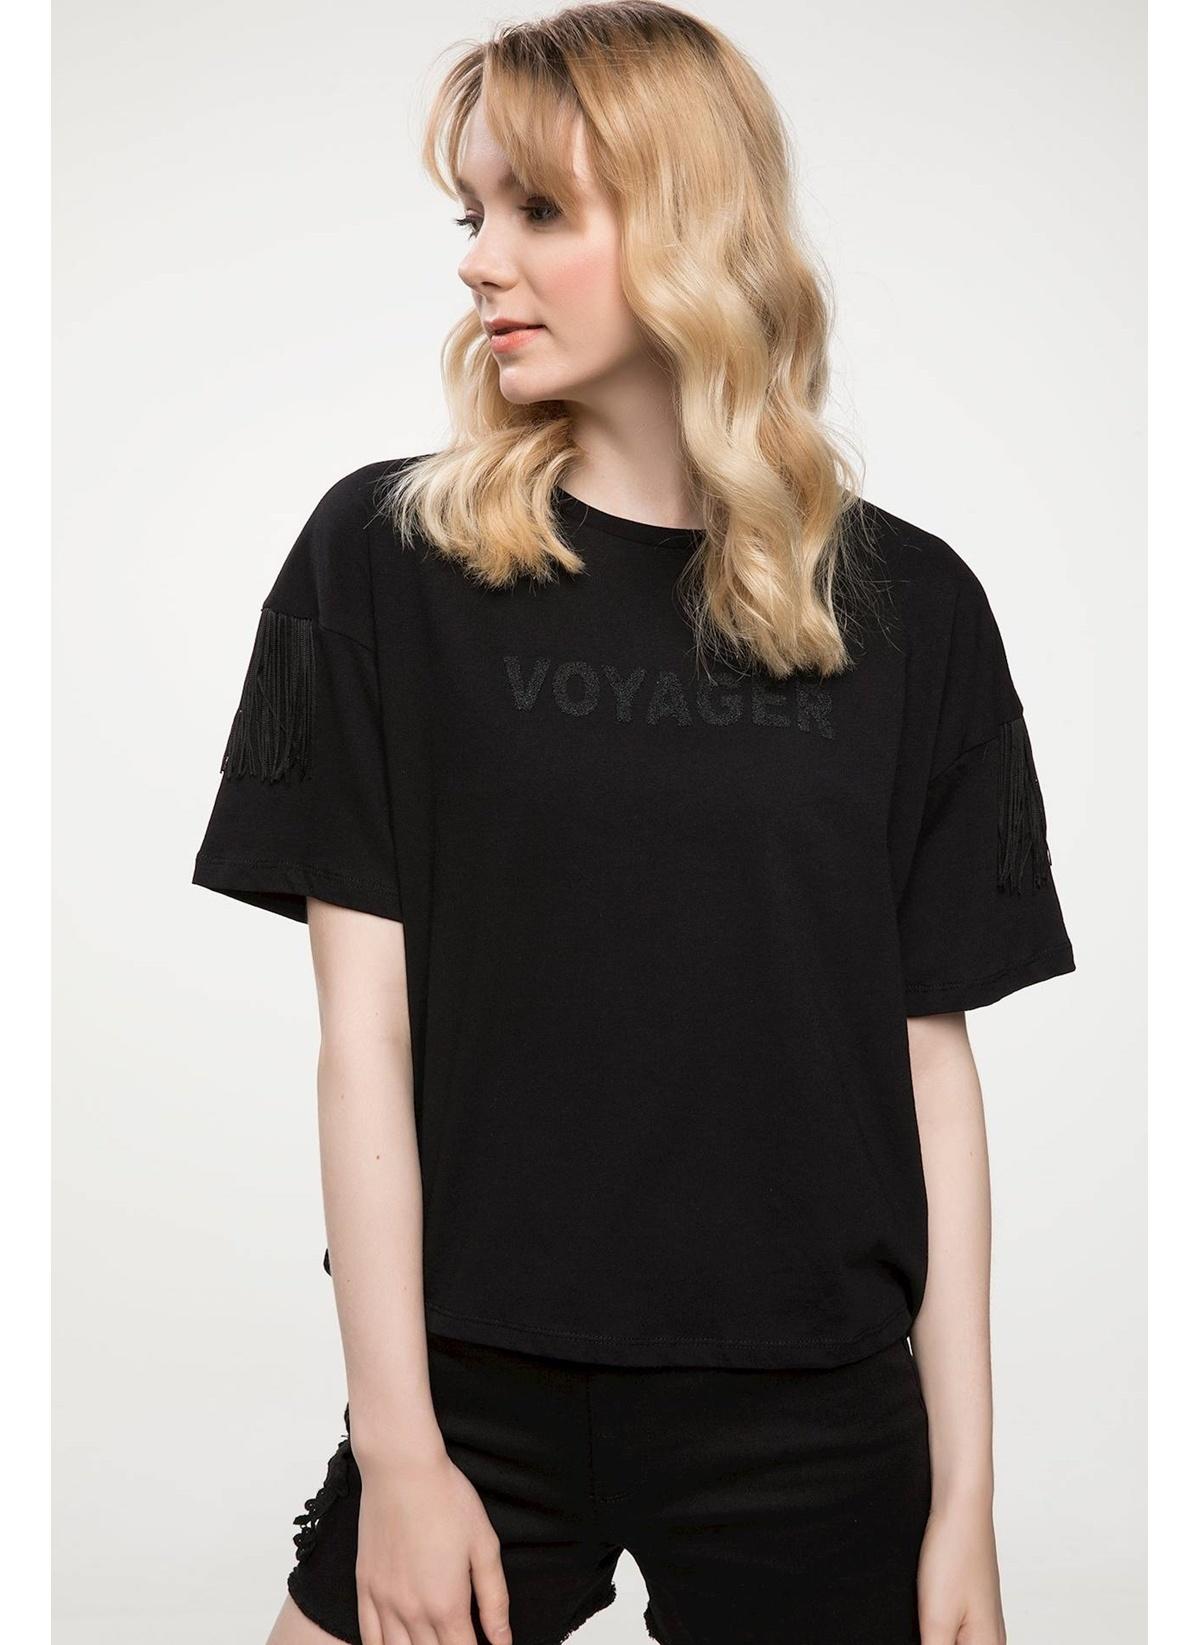 Defacto Yazı Baskılı Kol Püskül Detaylı T-shirt J1501az18smbk27t-shirt – 29.99 TL